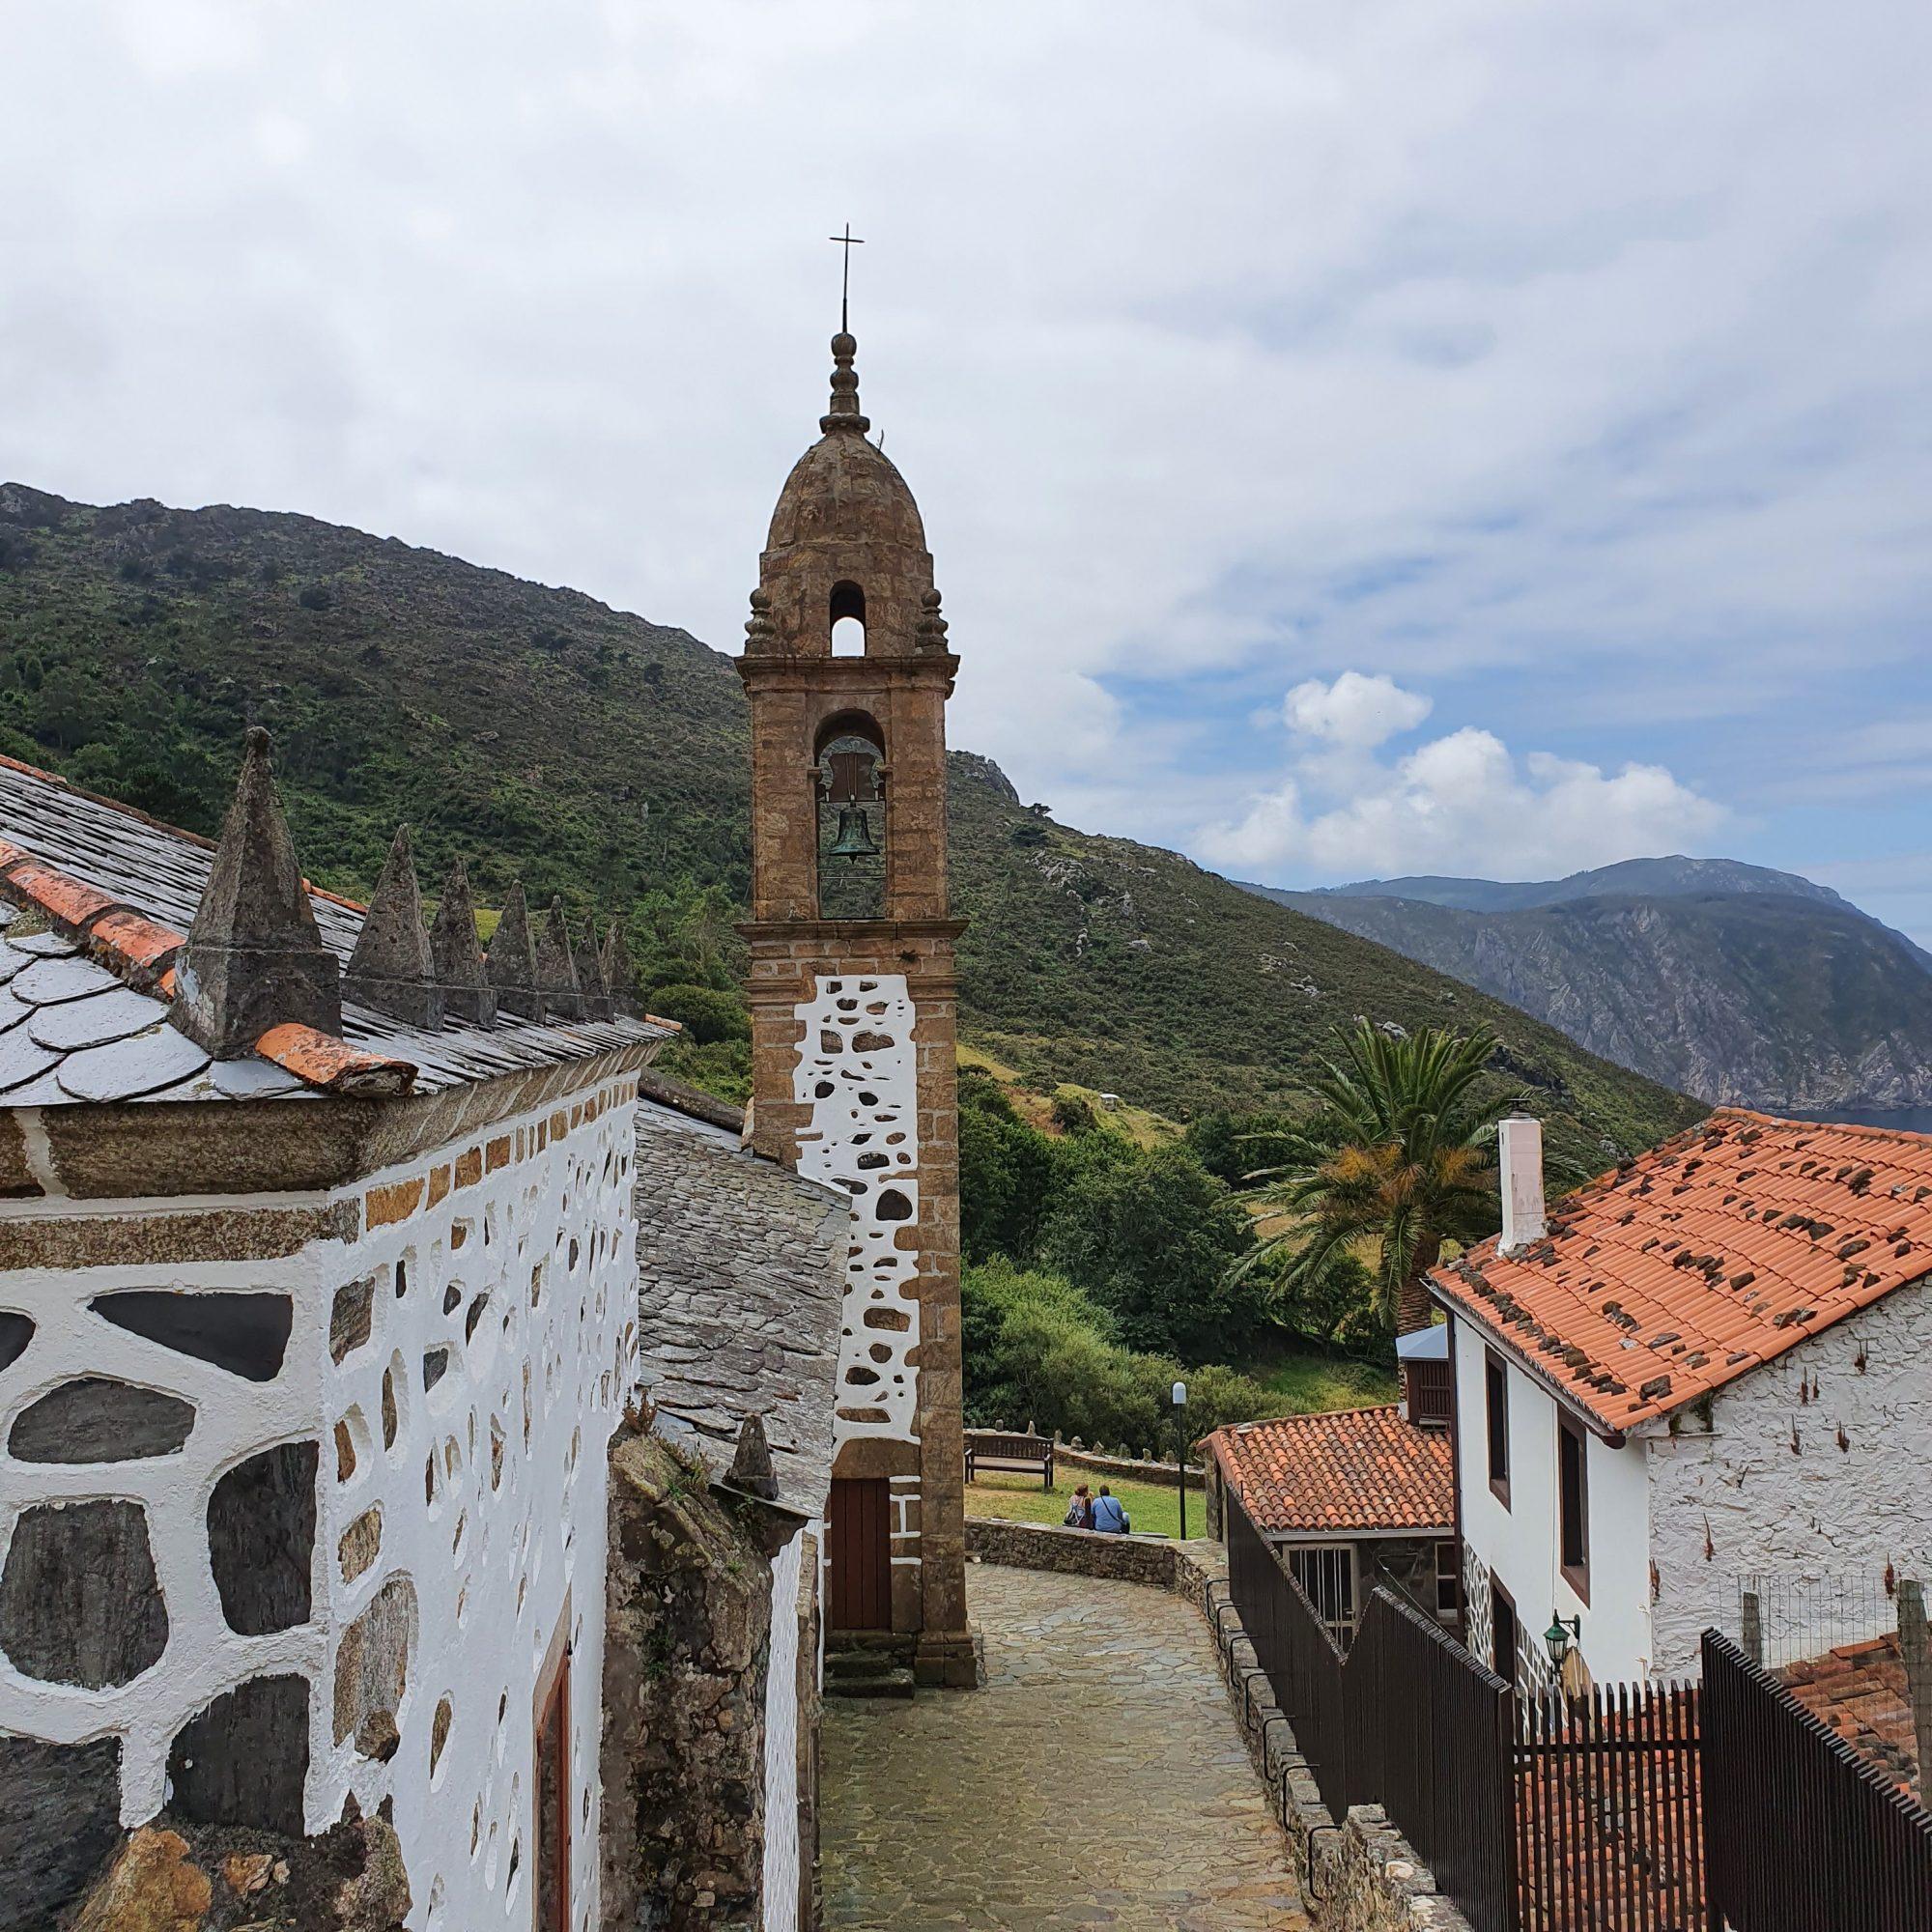 San Andrés de Teixidó